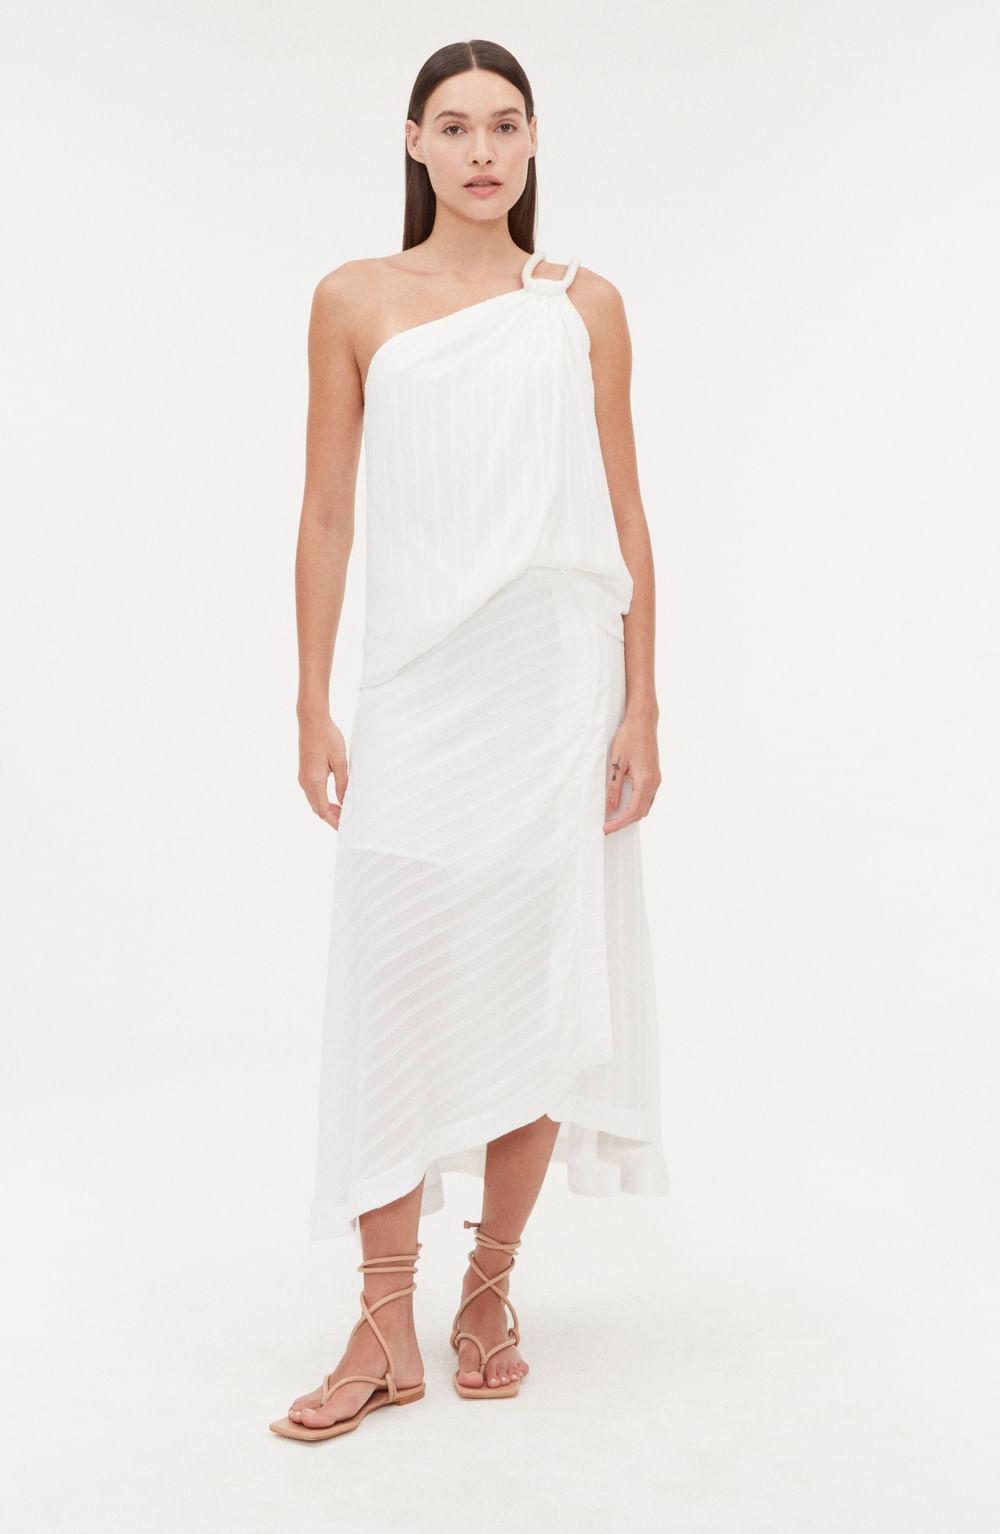 blusa branca um ombro só com detalhe em corda